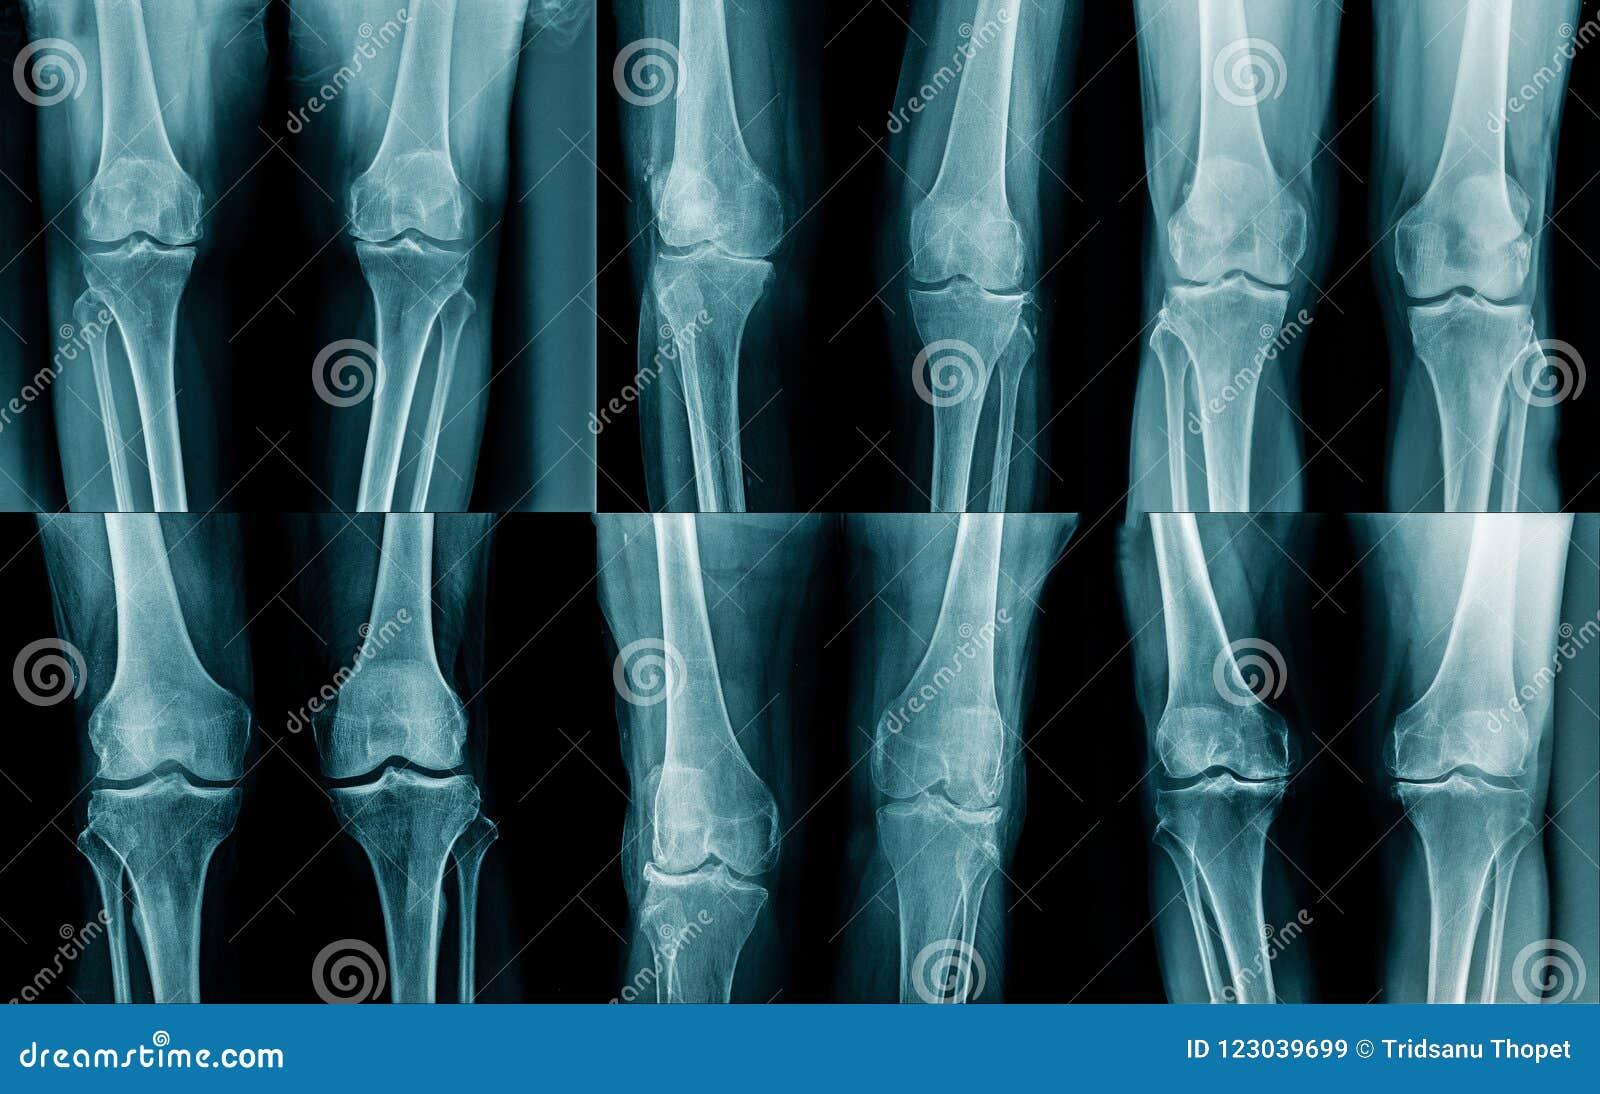 De röntgenstraal van het inzamelingsbeen